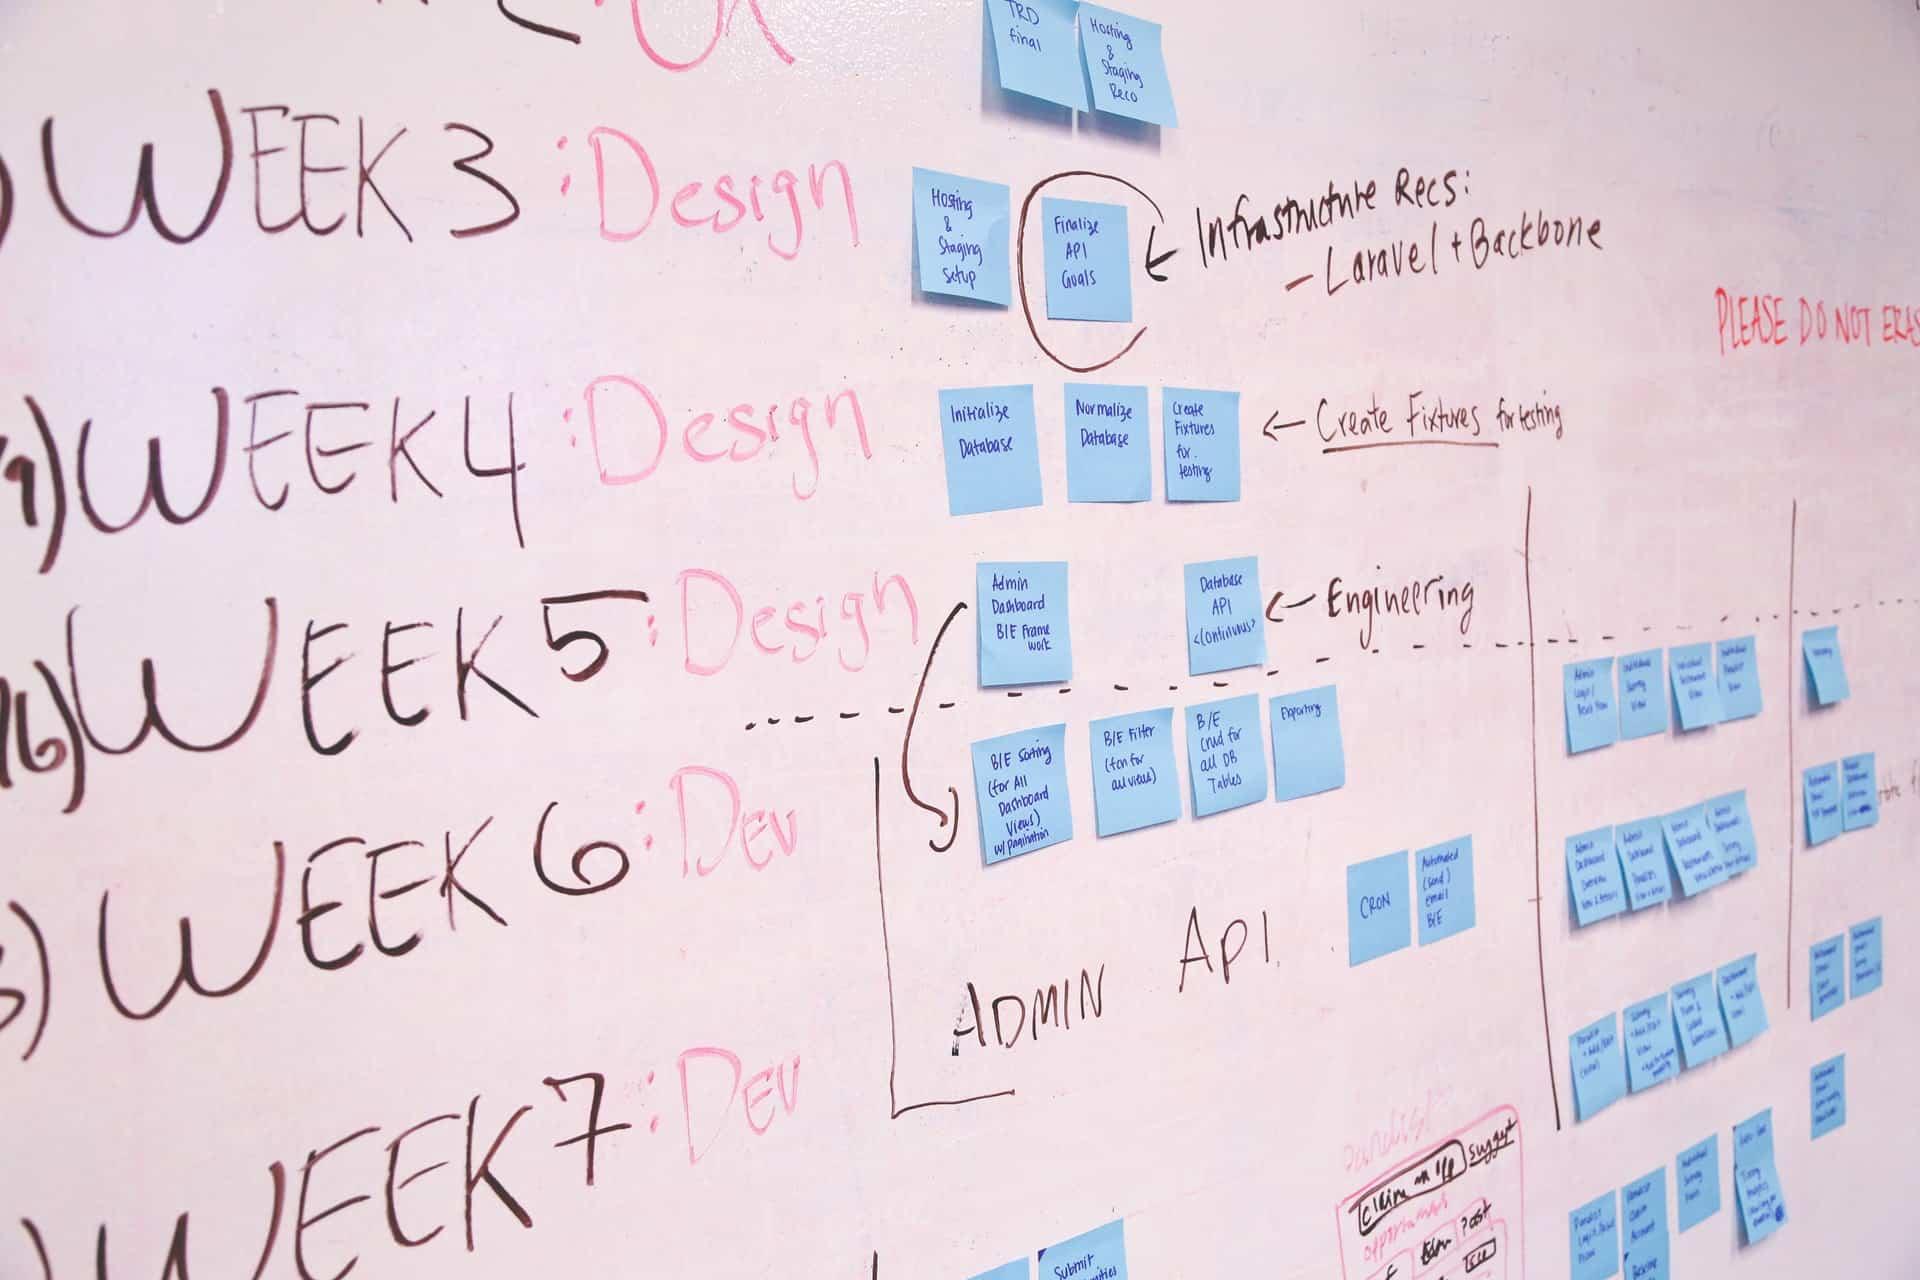 Website development plan on whiteboard